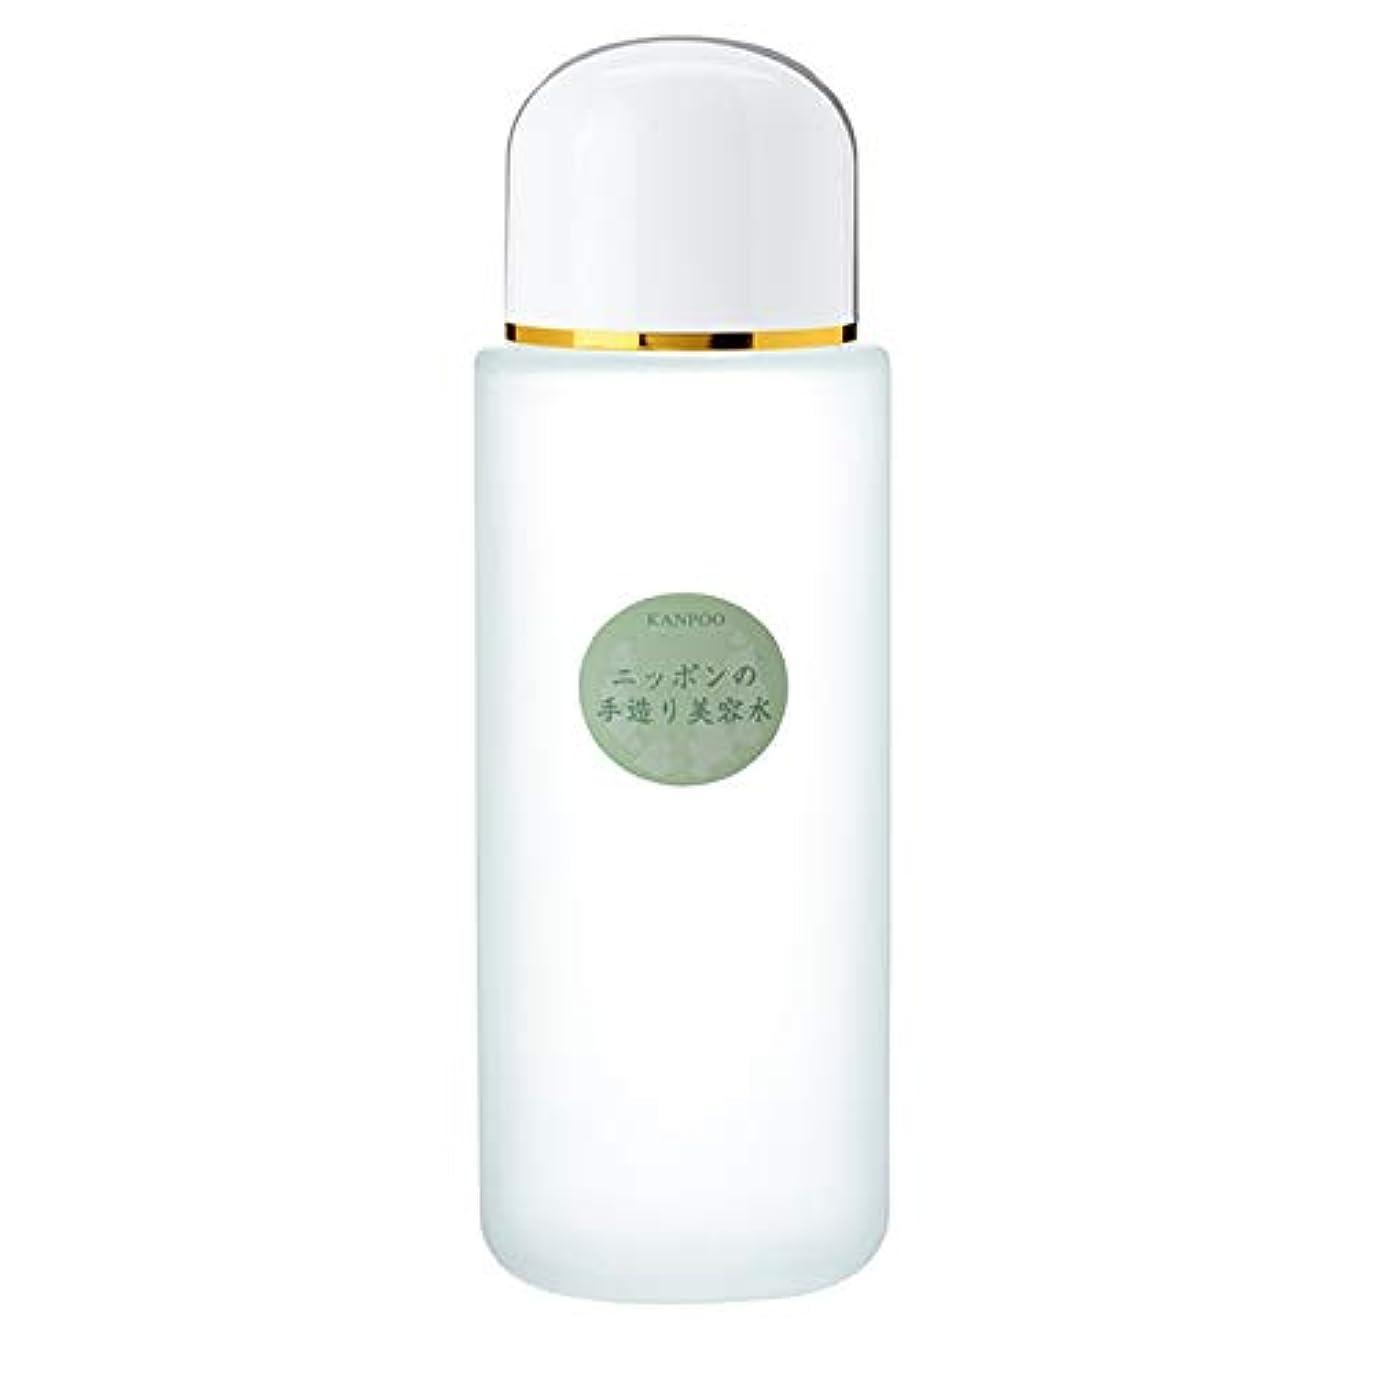 負荷ファンタジー戻る漢萌 ニッポンの手造り美容水「いぶき」 (コンディショニング化粧水)120ml